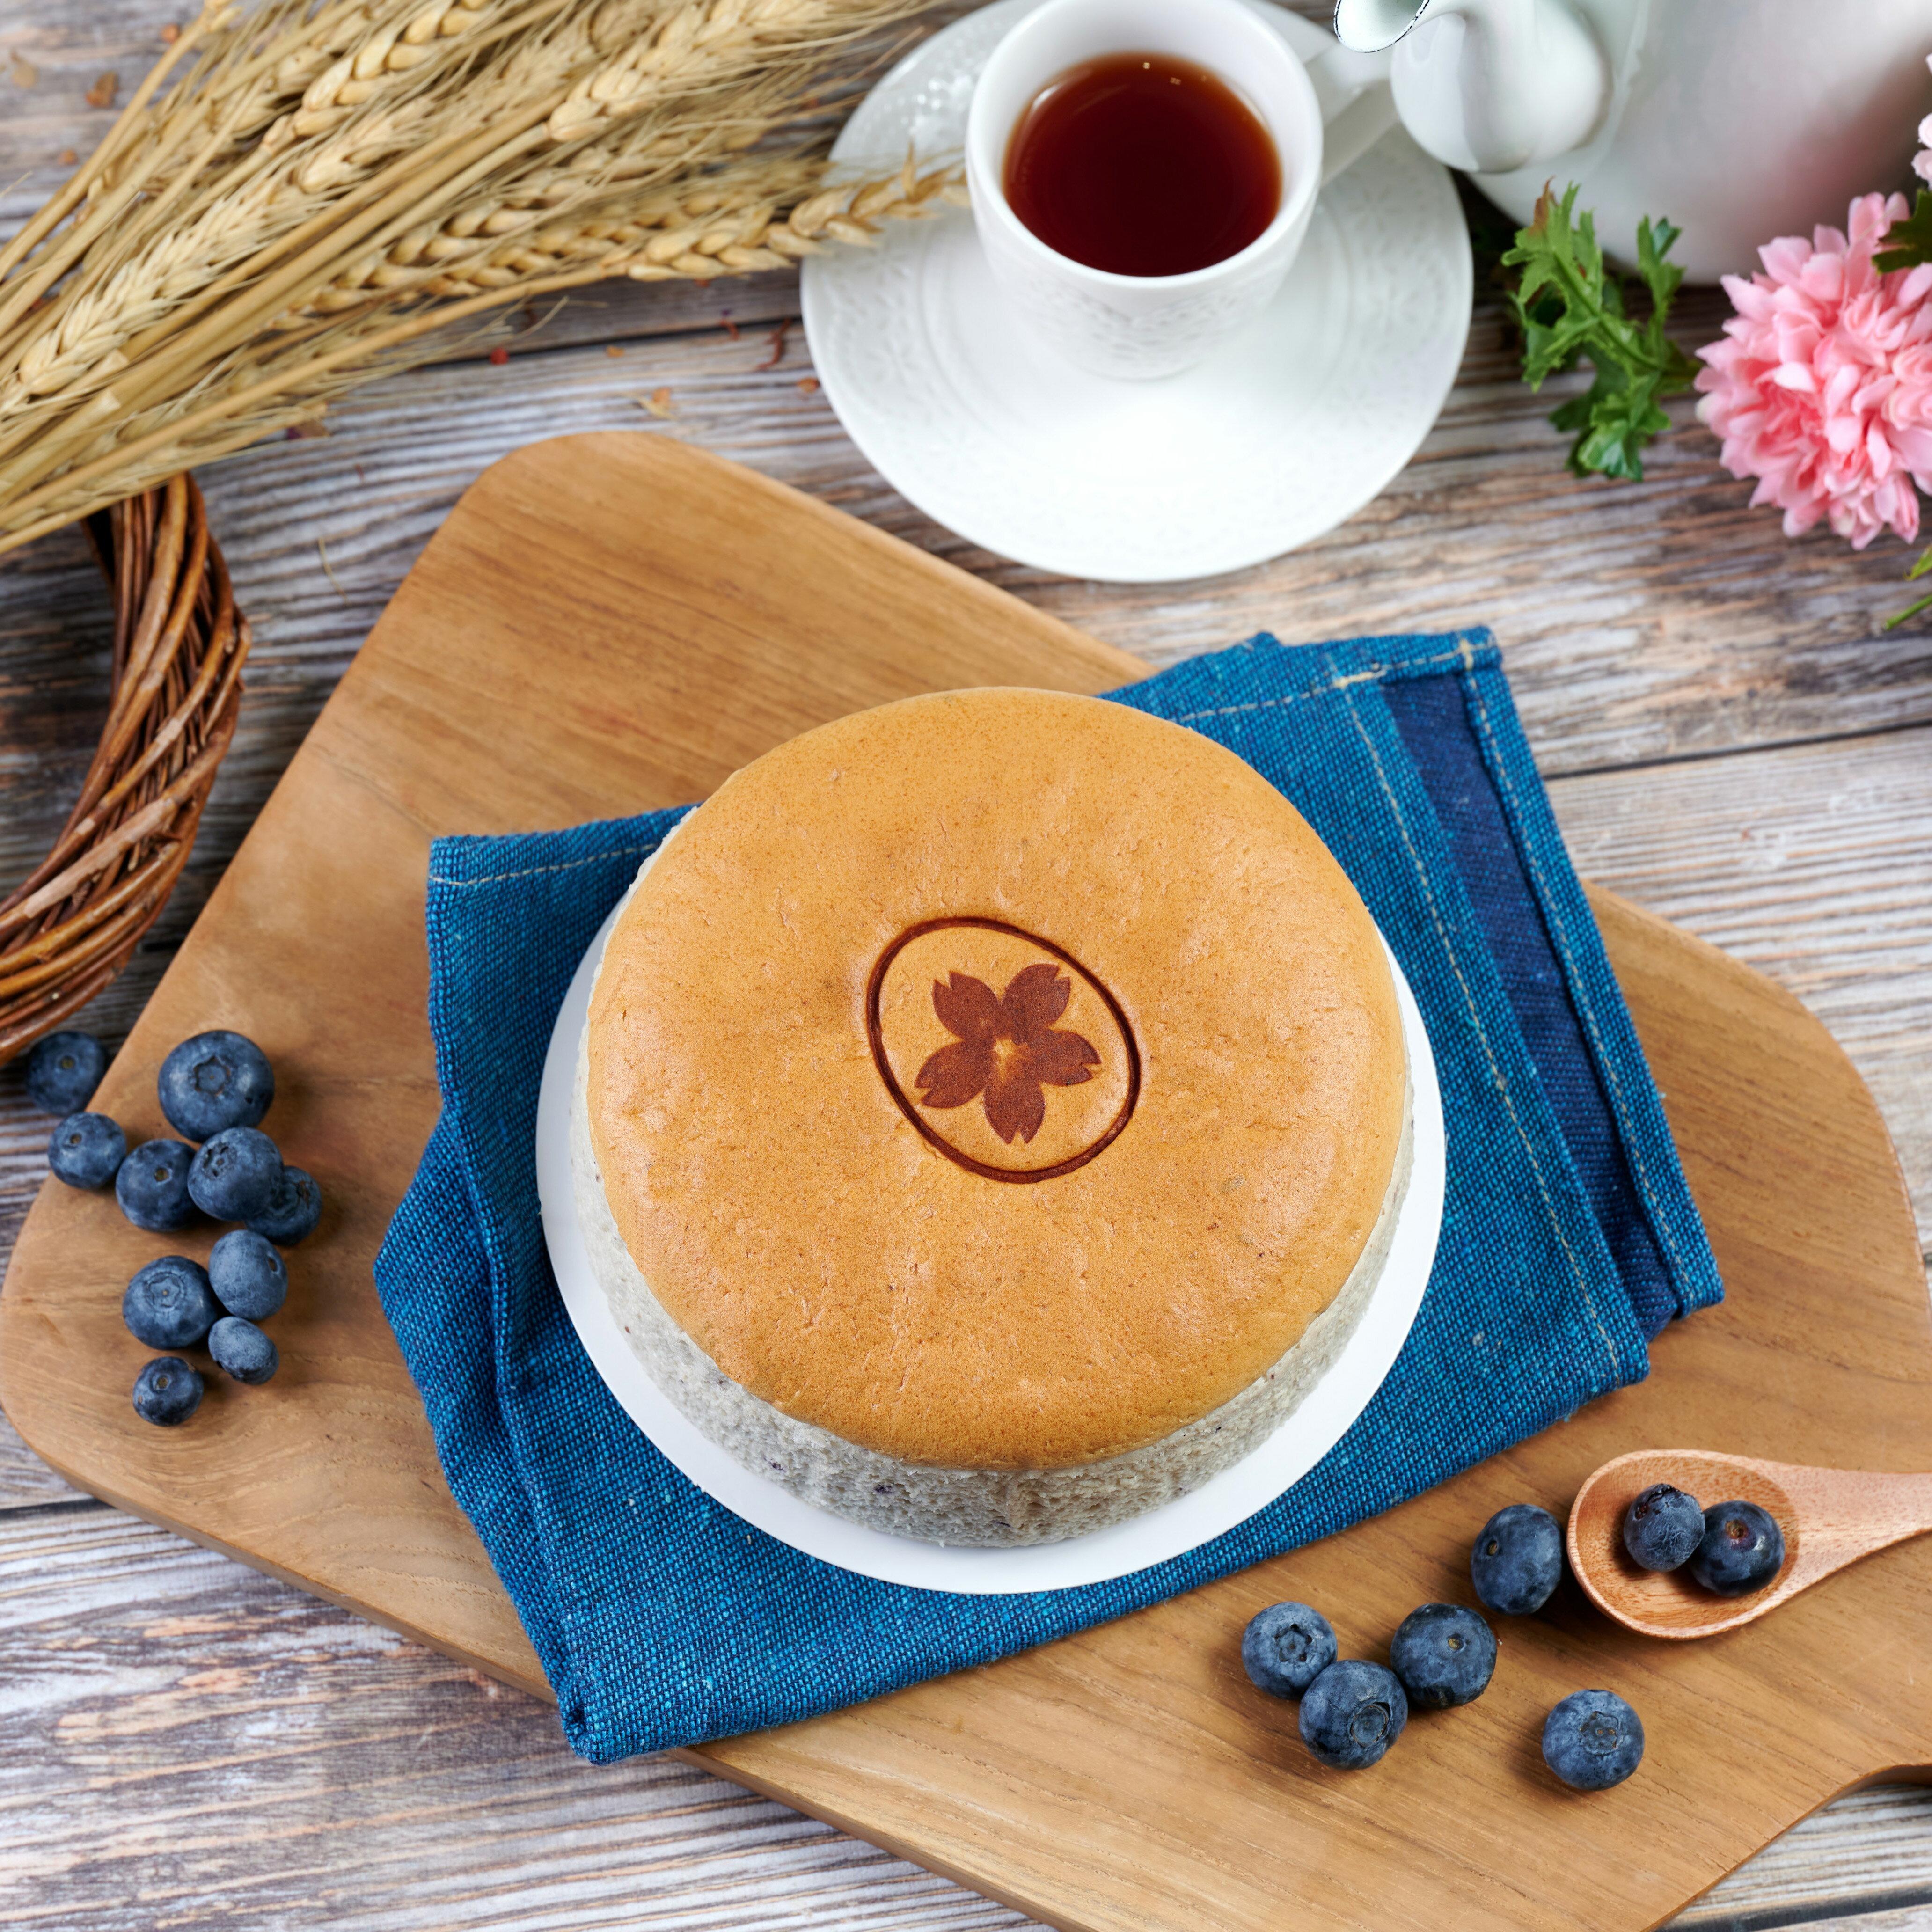 幸福屋-日式輕乳酪蛋糕  藍莓優格 6吋 伴手禮~彌月蛋糕~團購美食